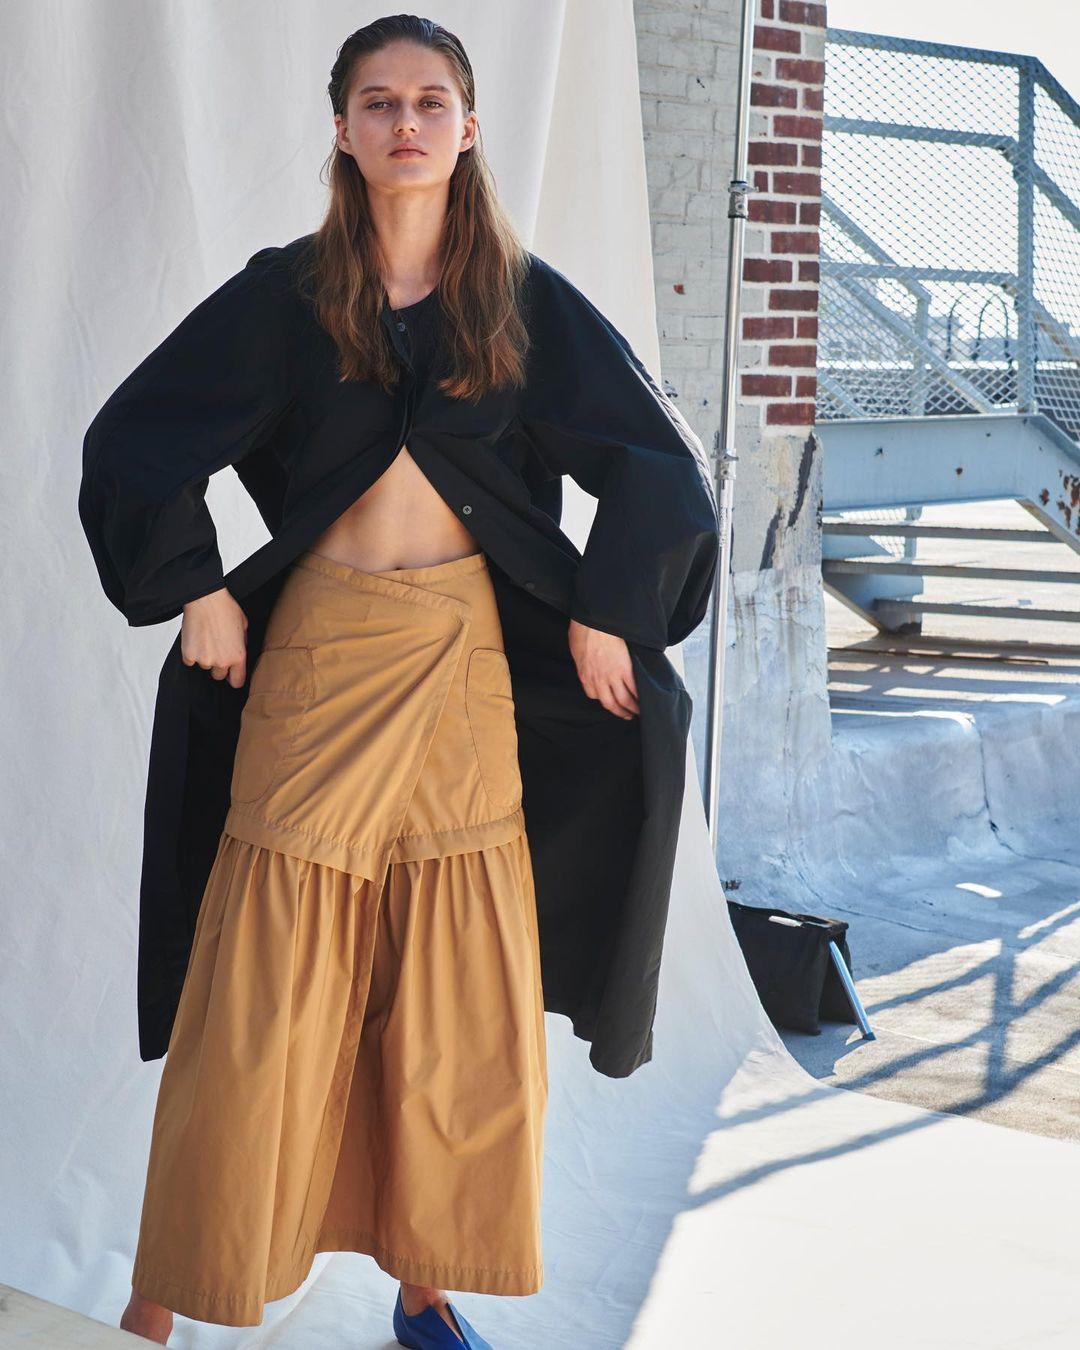 Những nhà thiết kế Mỹ La Tinh danh tiếng trong ngành thời trang - 11